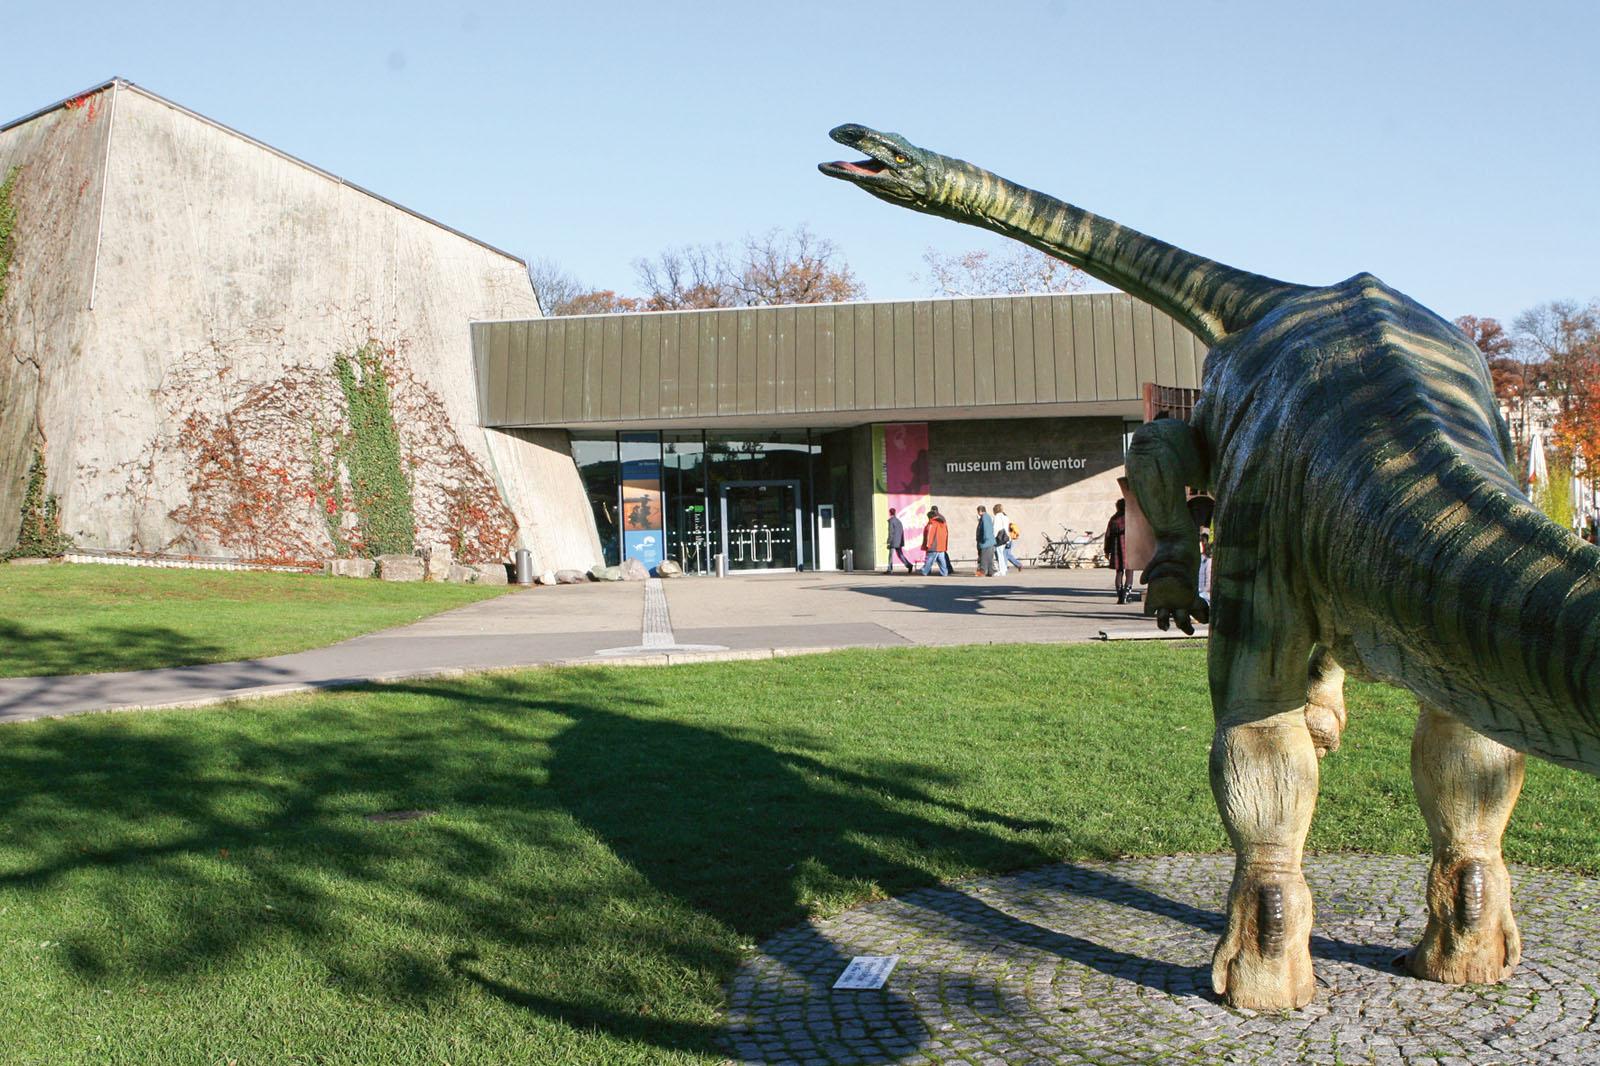 Lange Nacht der Museen Stuttgart - Museum am Loewentor Aussenansicht